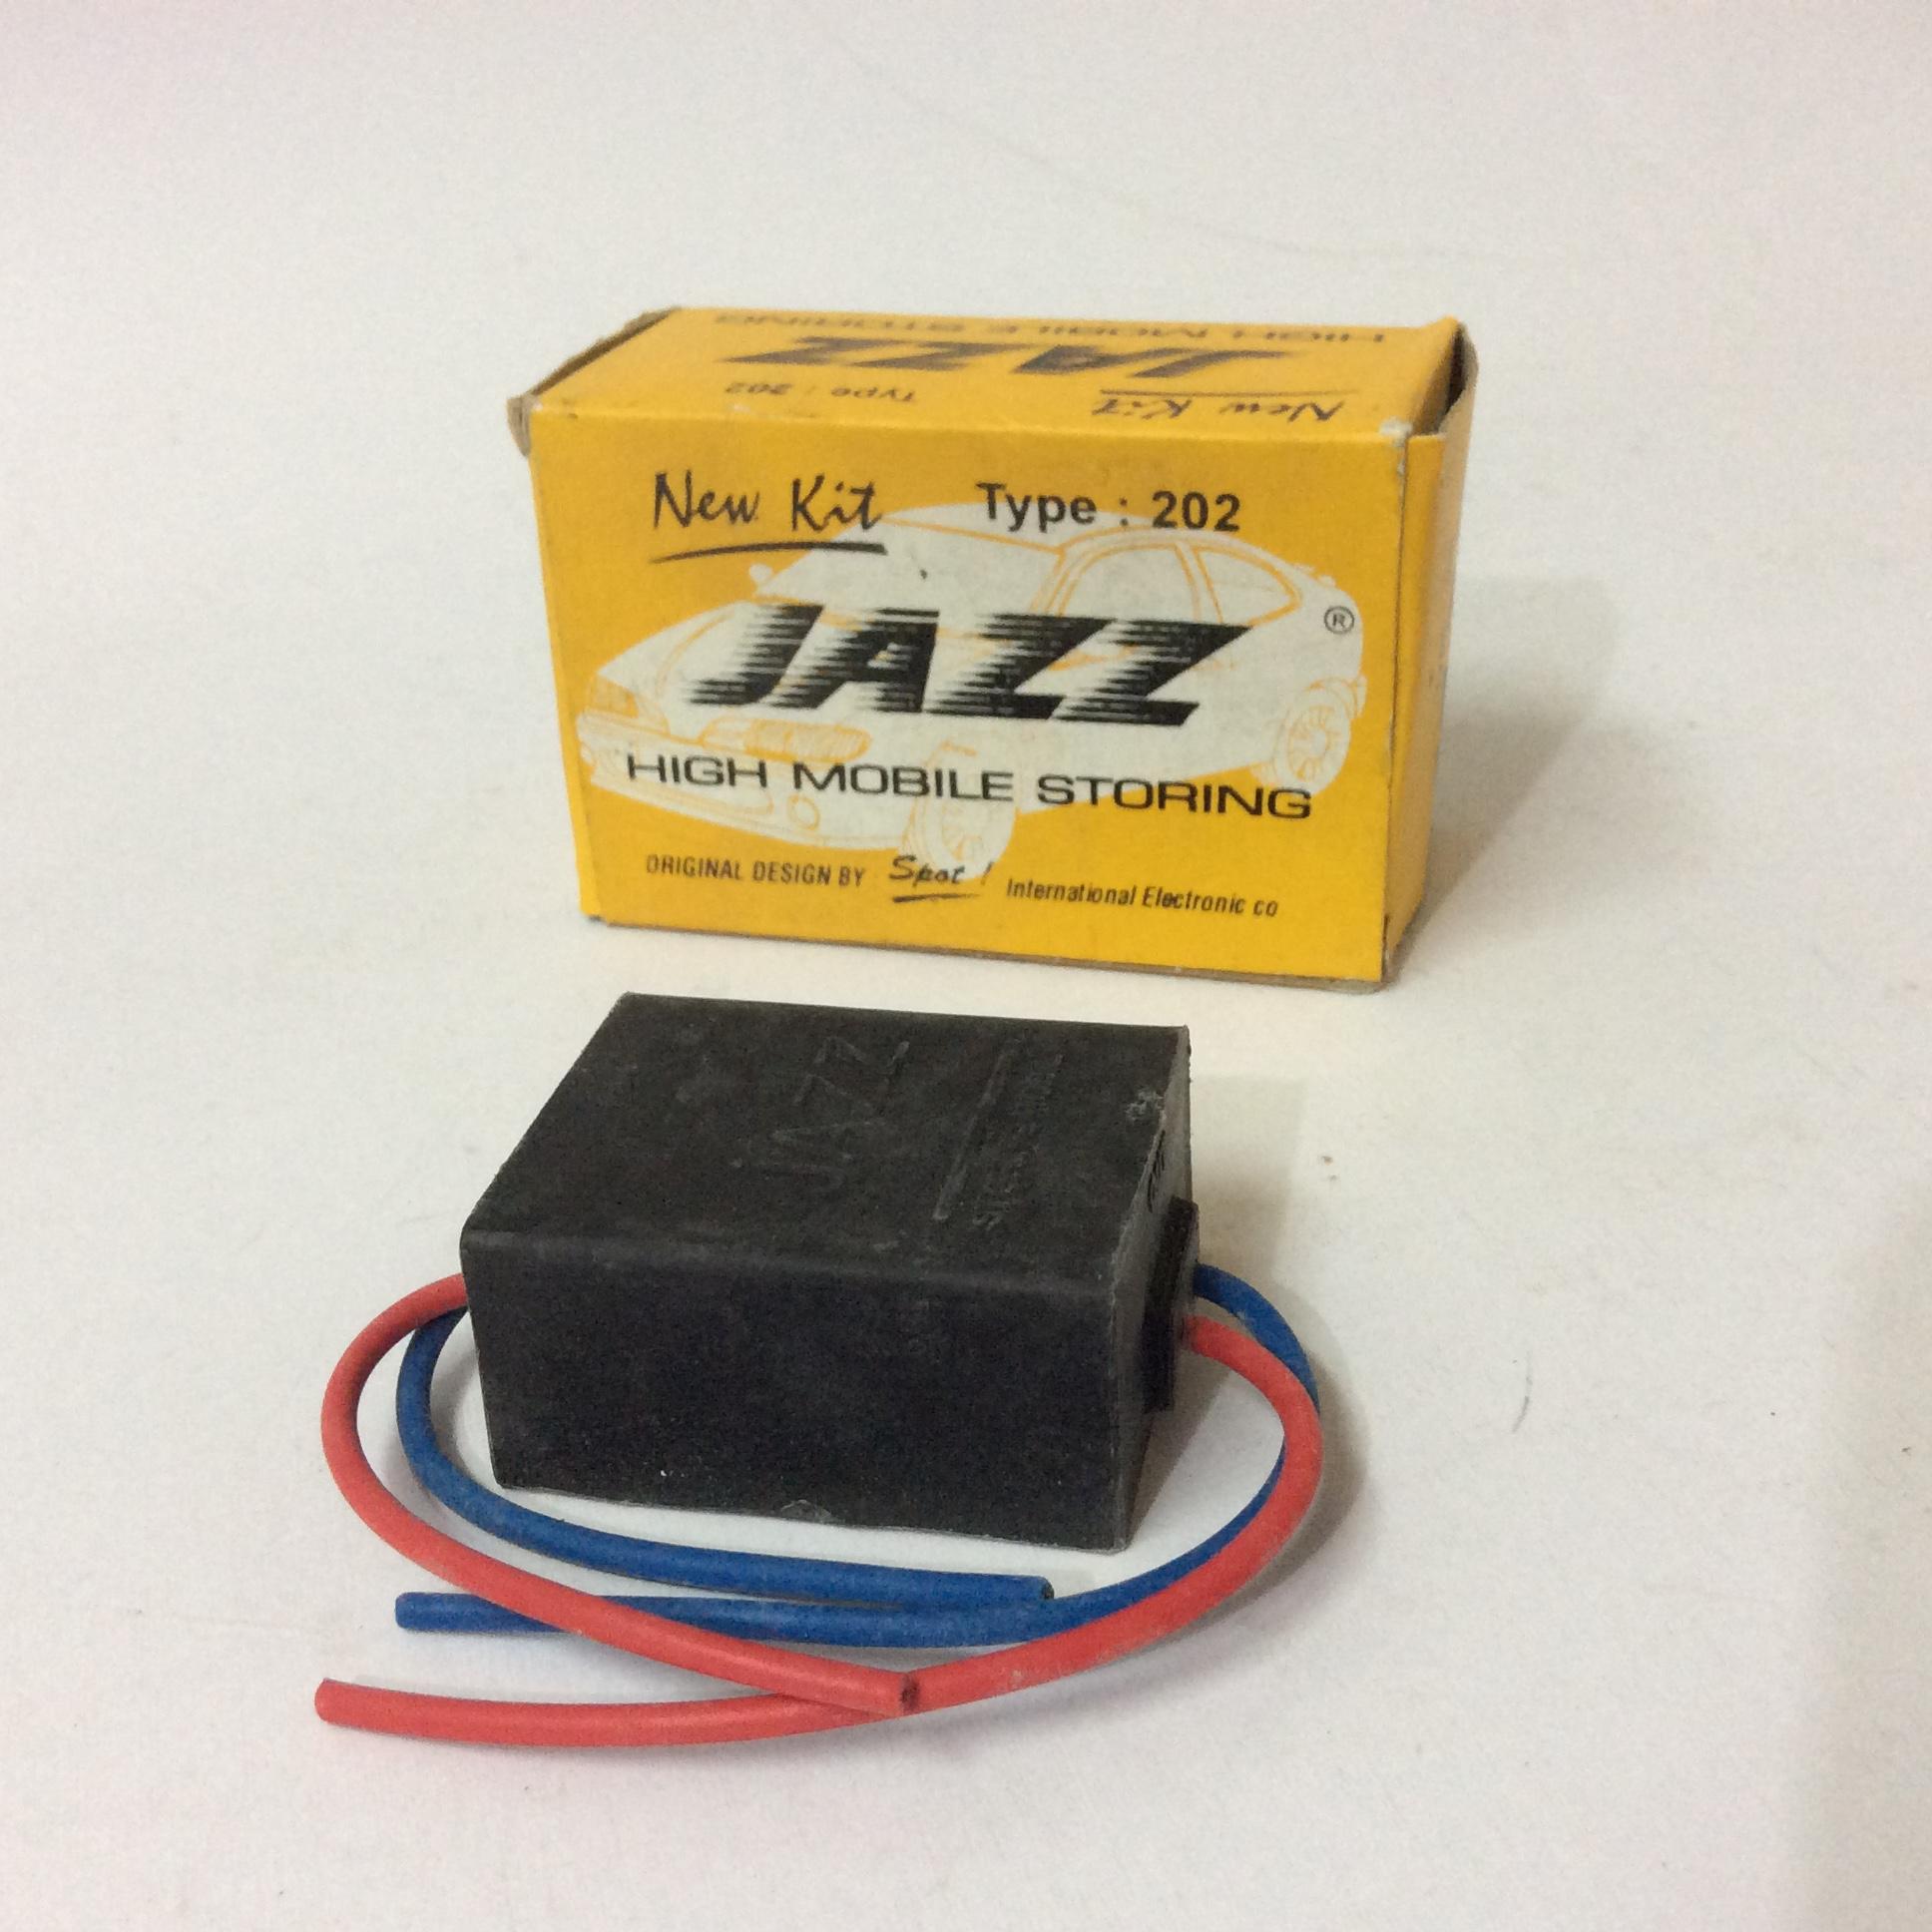 Anti storing merk JAZZ type 202/ peredam bising audio mobil